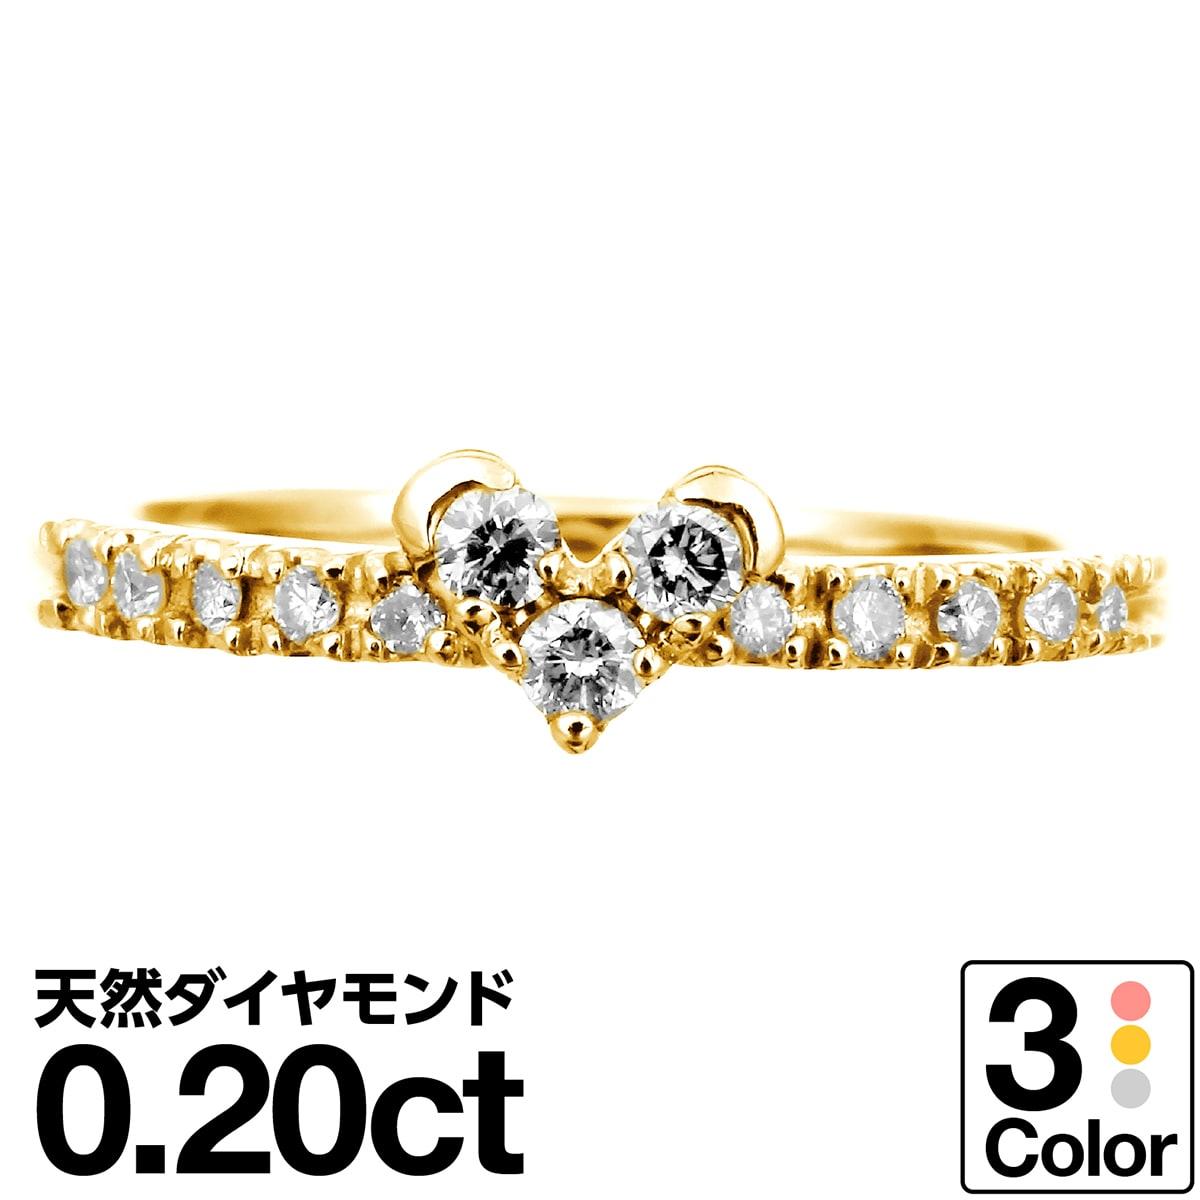 ハート ダイヤモンド リング k10 イエローゴールド/ホワイトゴールド/ピンクゴールド ファッションリング 品質保証書 金属アレルギー 日本製 誕生日 ギフト